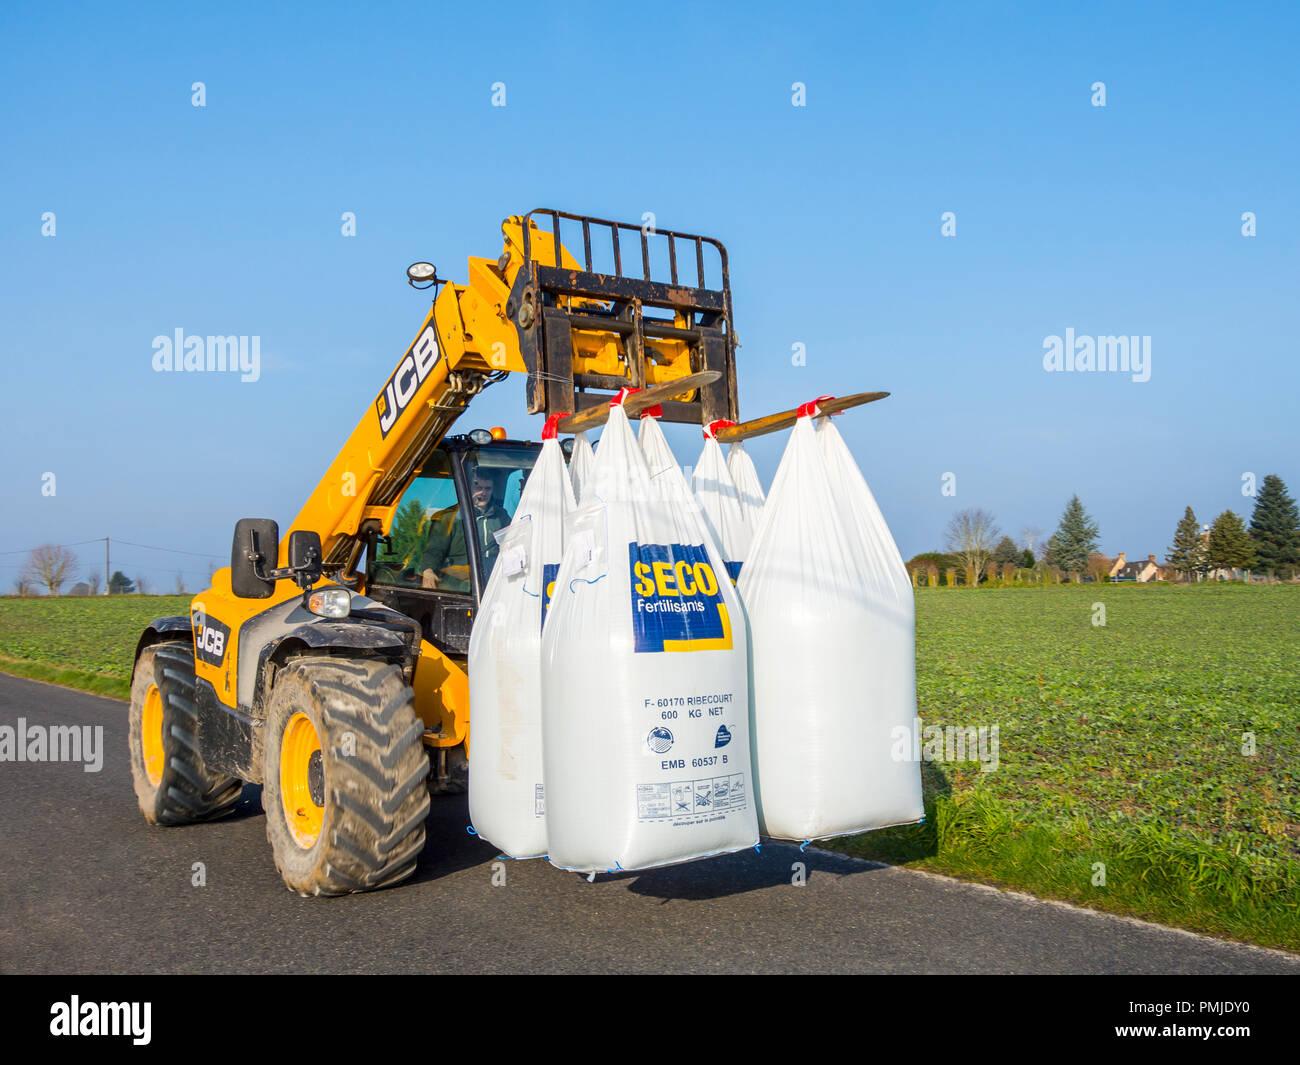 JCB Telescopic tractor carrying large sacks of fertiliser - France. - Stock Image